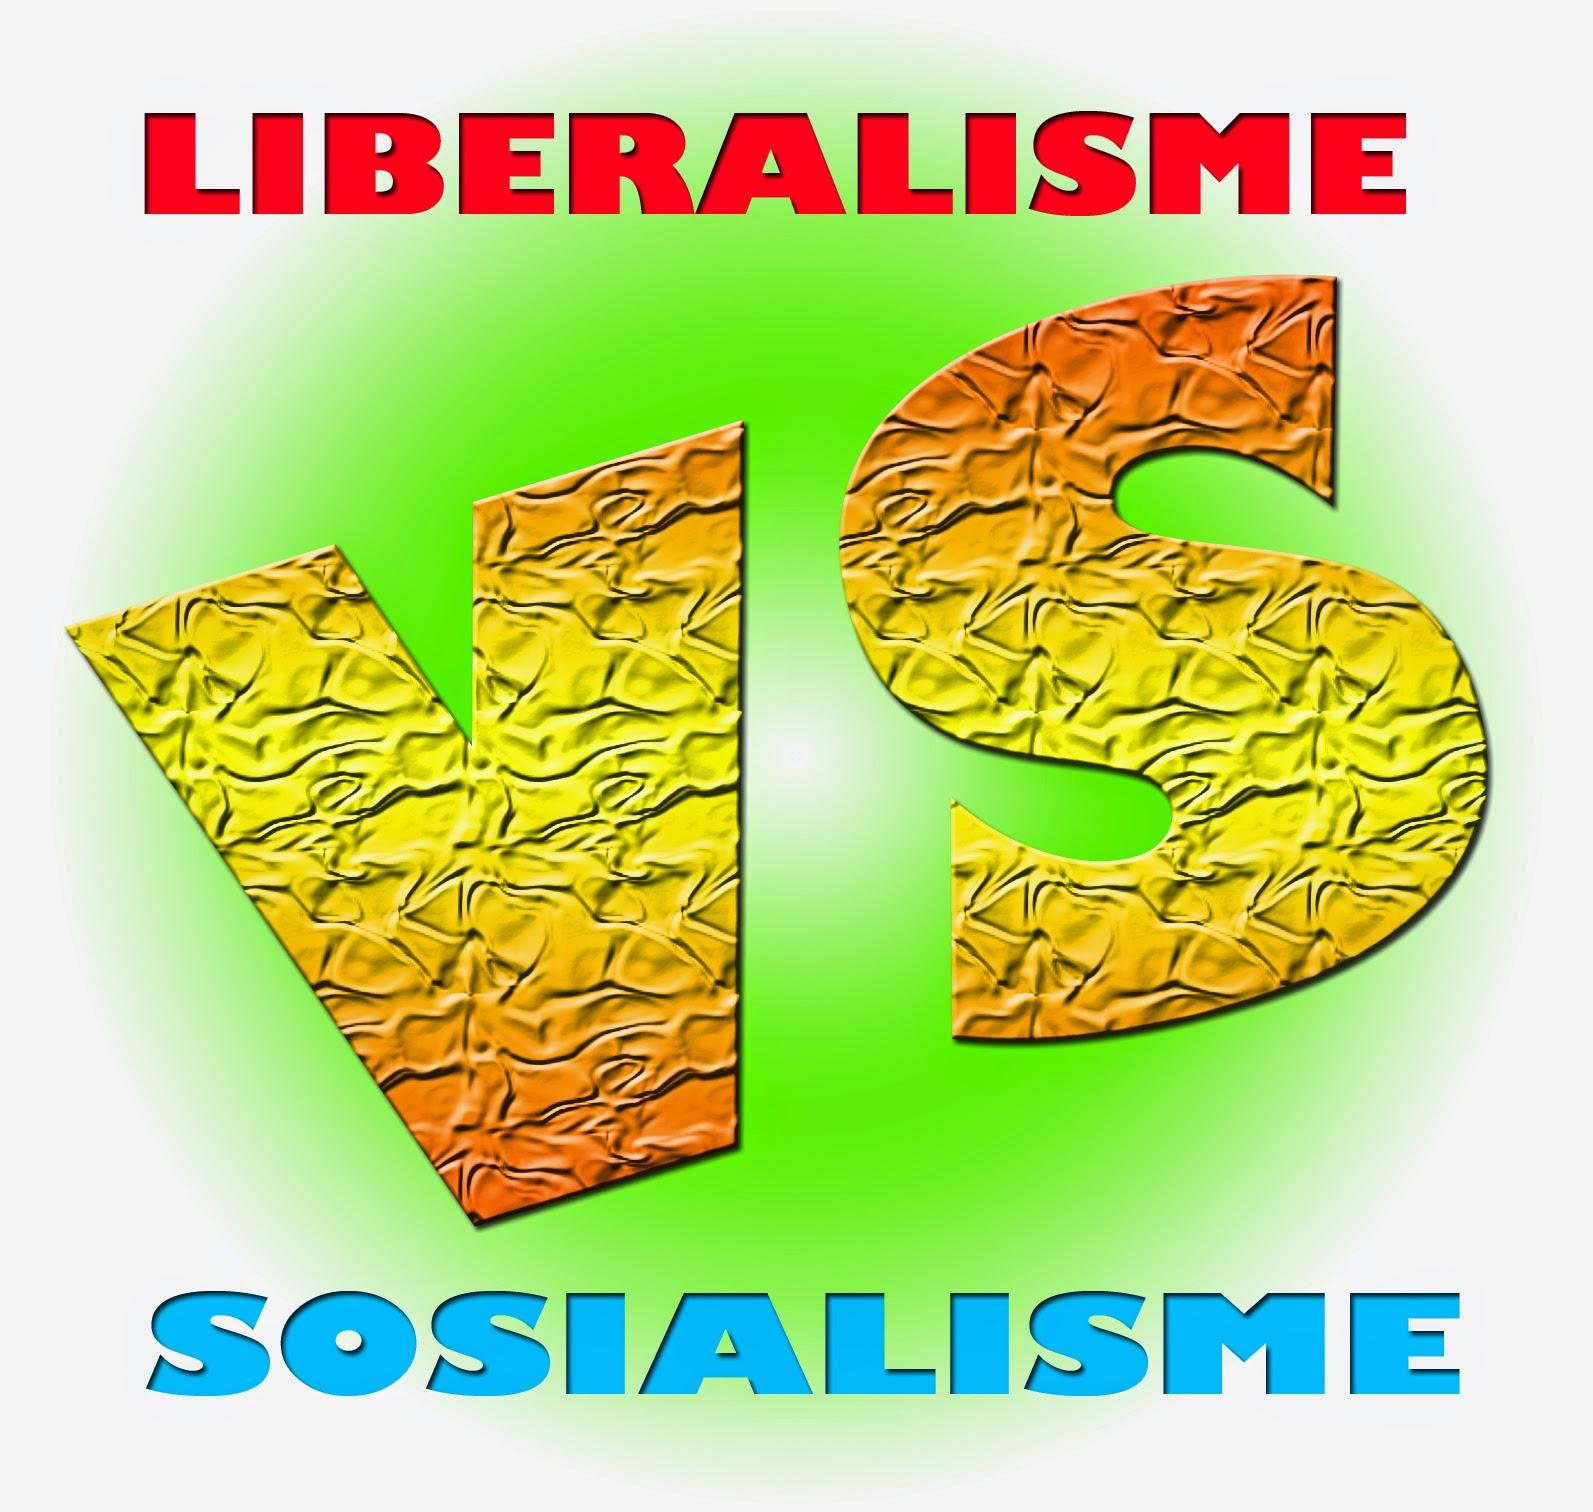 Liberalisme Berasal Dari Kata Liberalis Yang Berarti Bebas Yang Paling Mendasar Dalam Liberalisme Adalah Kebebasan Individu Pembatasan Kekuasaan Raja